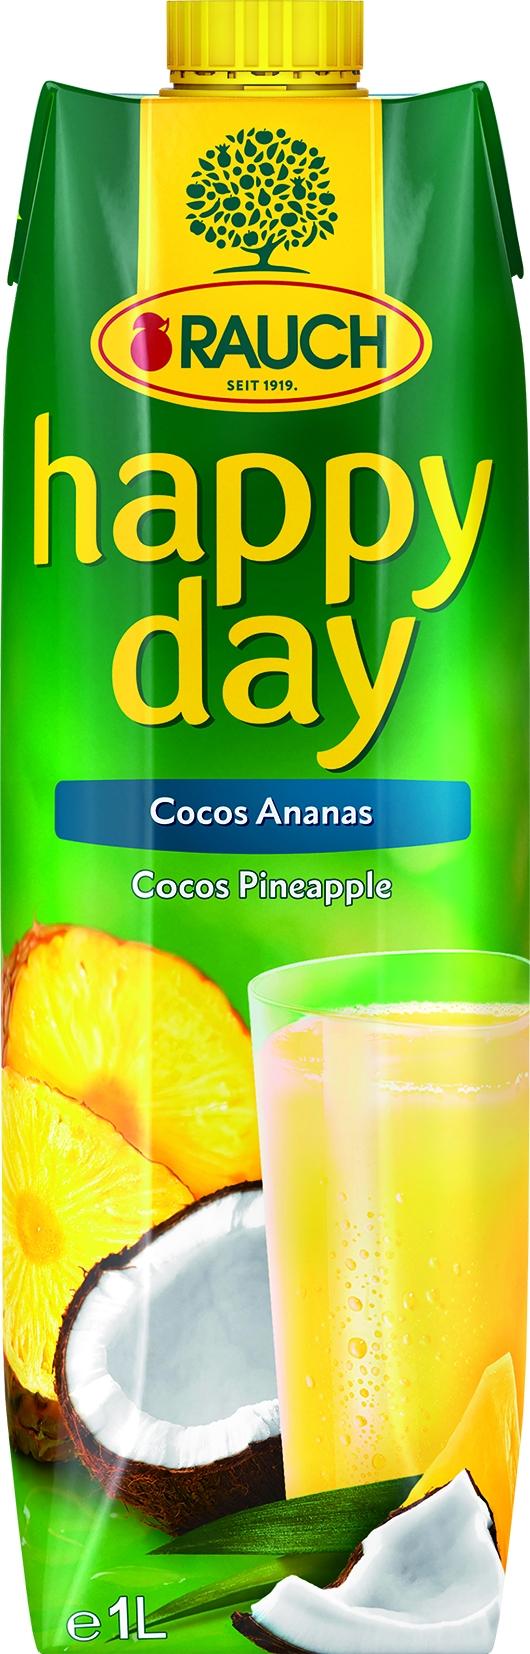 Happy Day Cocos-Ananas